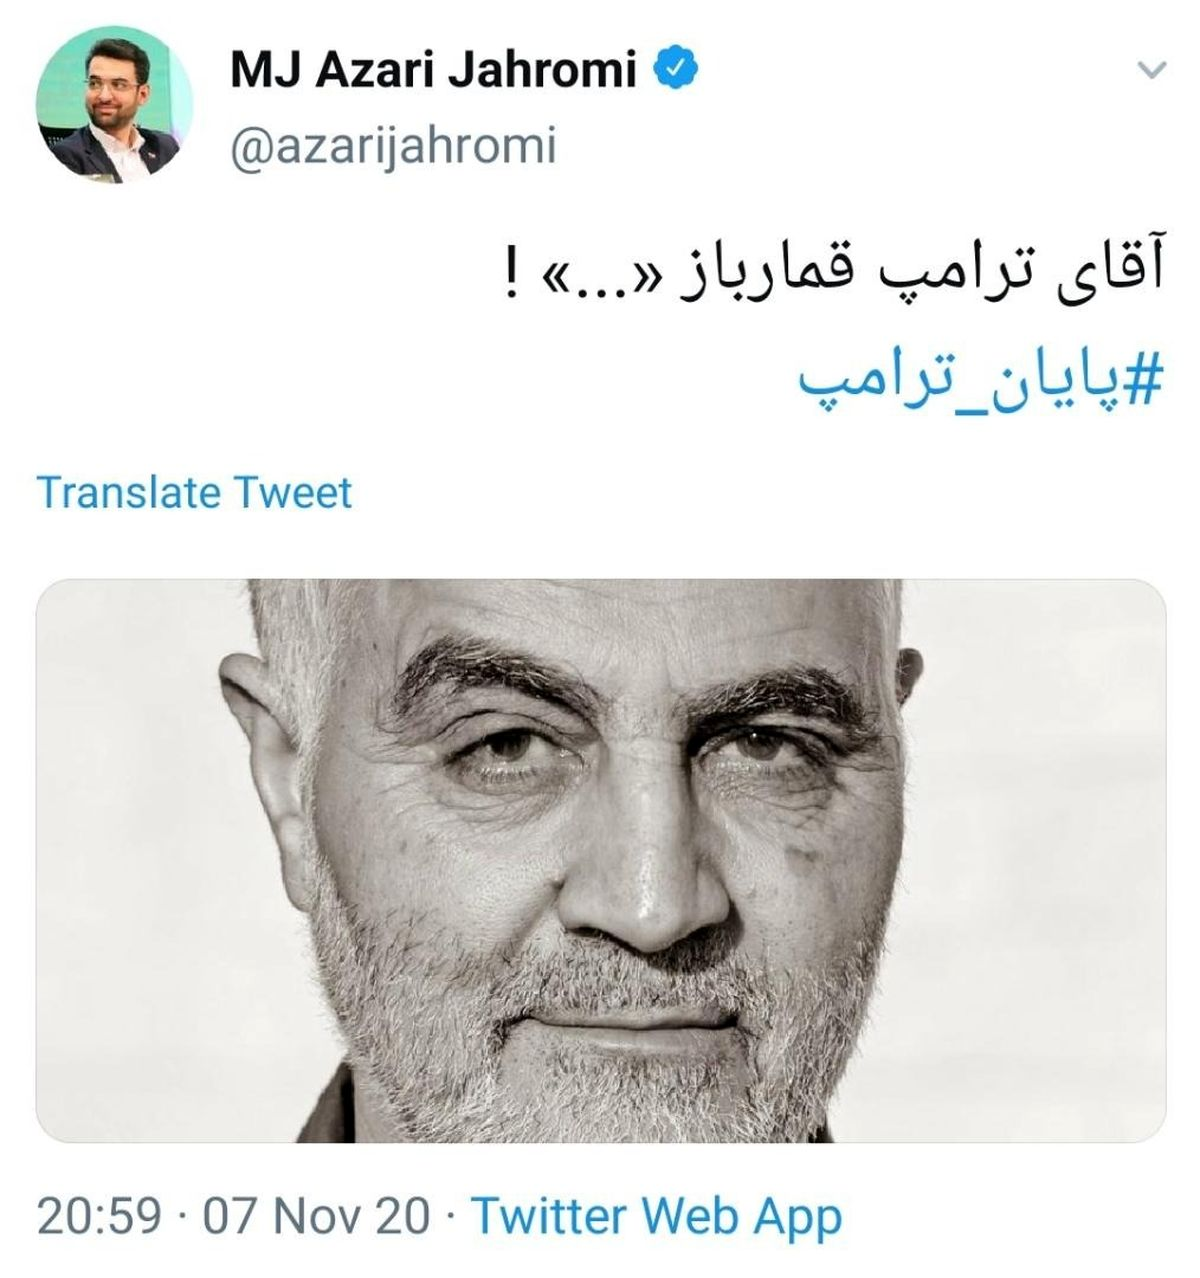 واکنش آذری جهرمی به شکست ترامپ در انتخابات ریاست جمهوری